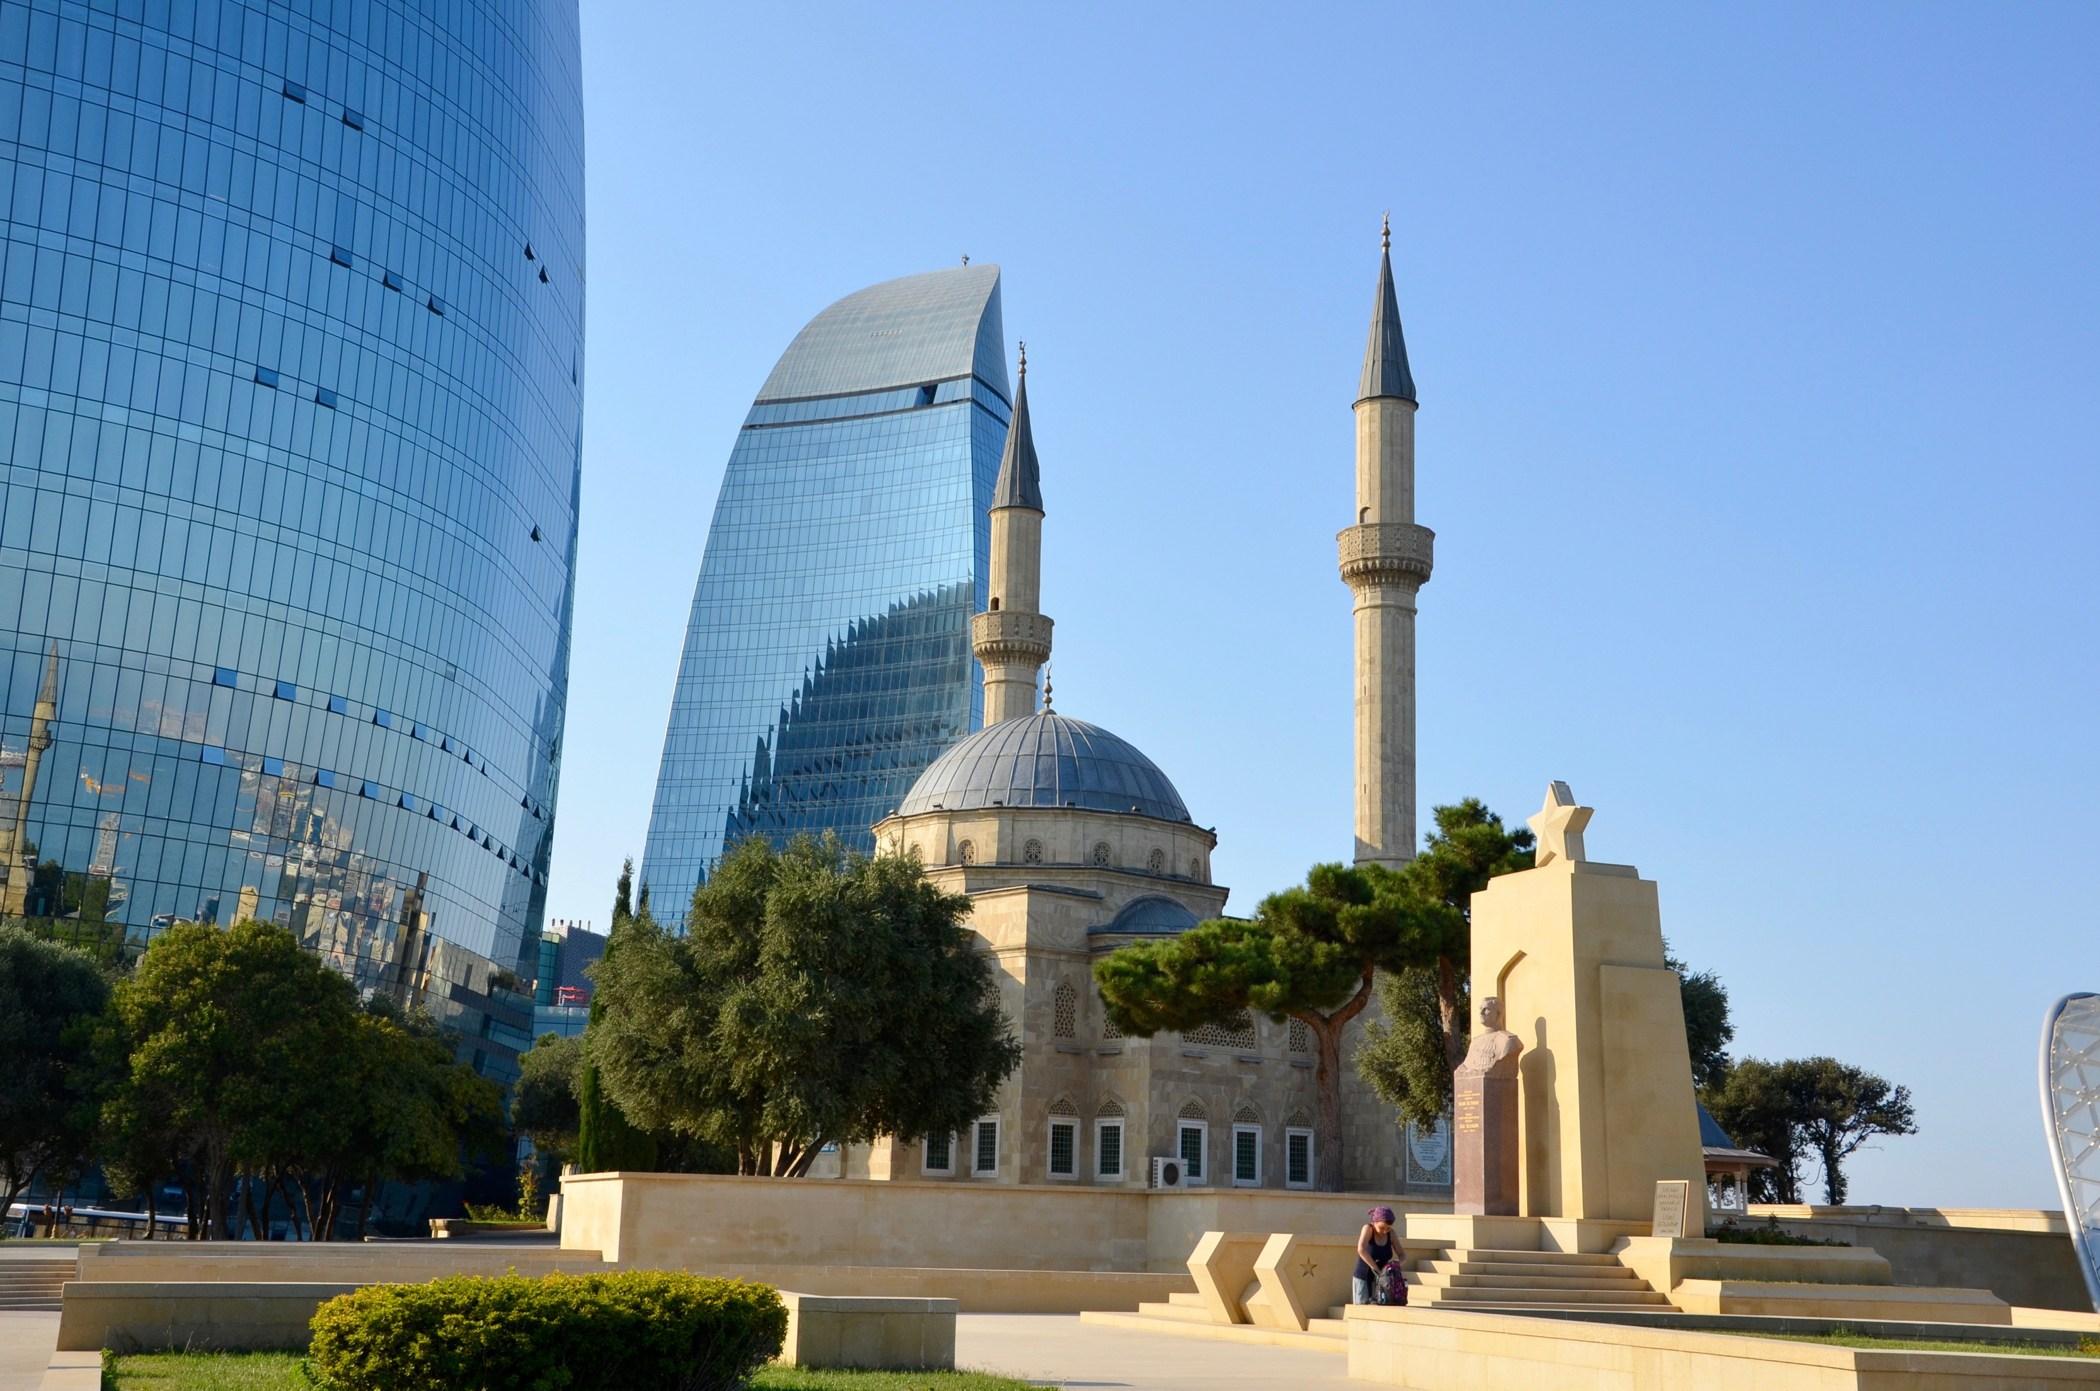 الاماكن الترفيهيه للاطفال فى اذريبجان